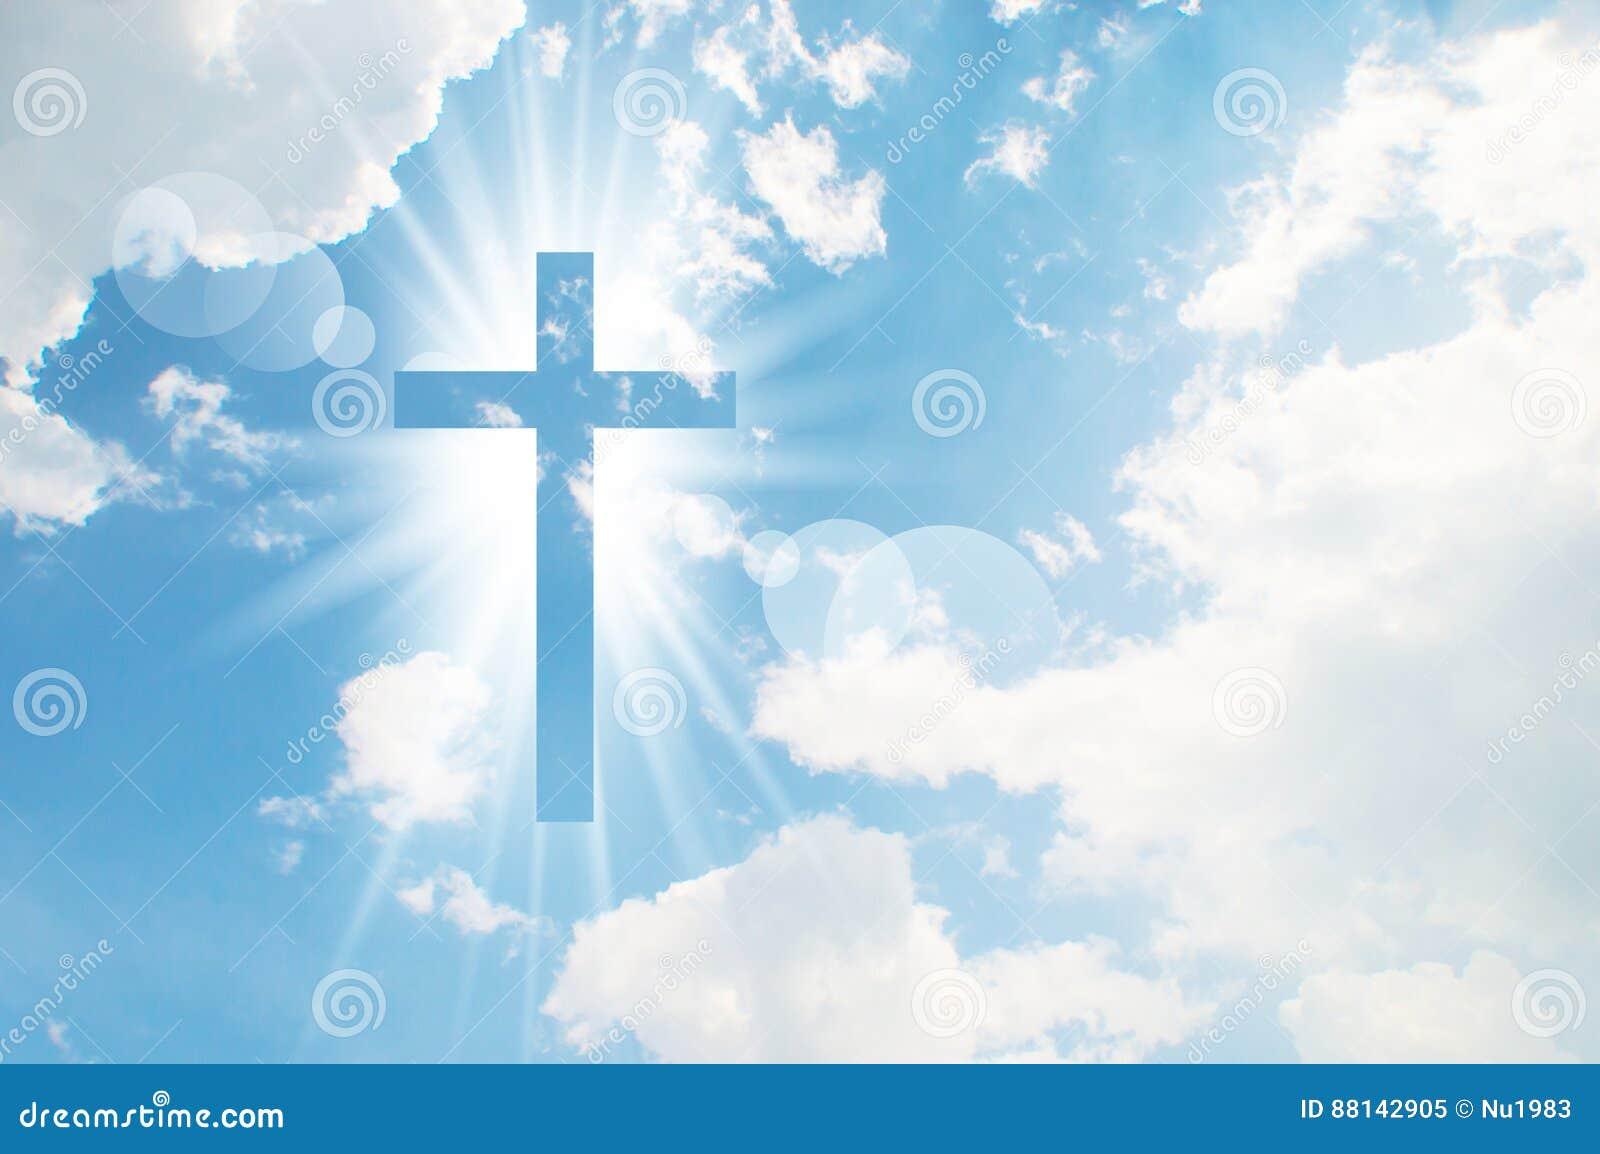 La cruz cristiana aparece brillante en el cielo